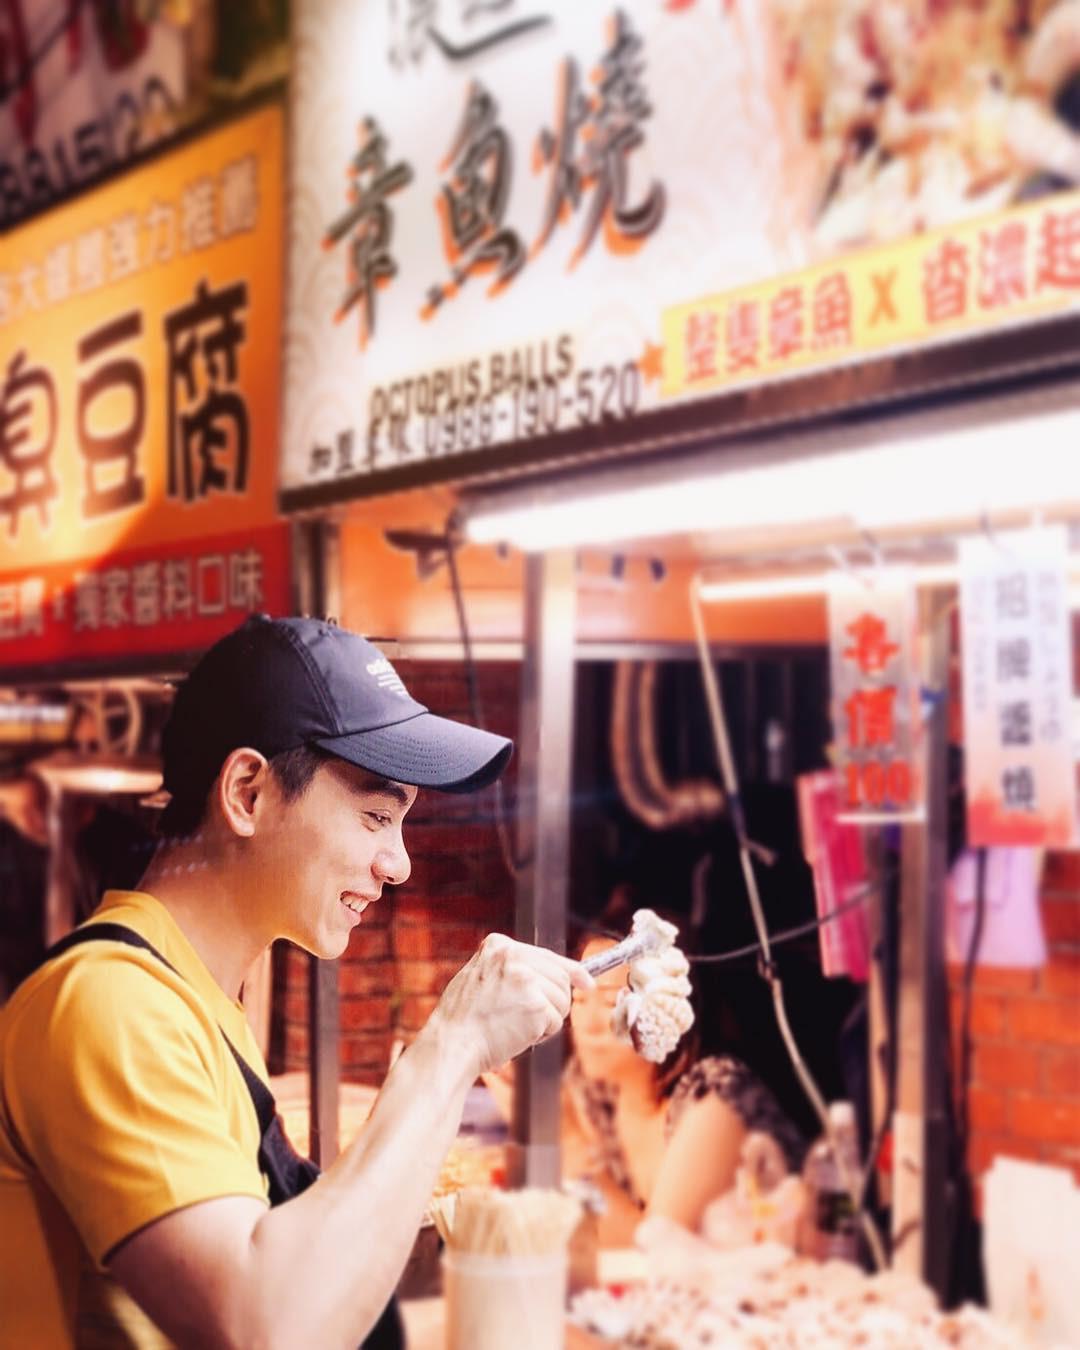 Ăn no căng bụng tại những khu chợ đêm sầm uất nhất Đài Loan - Ảnh 4.